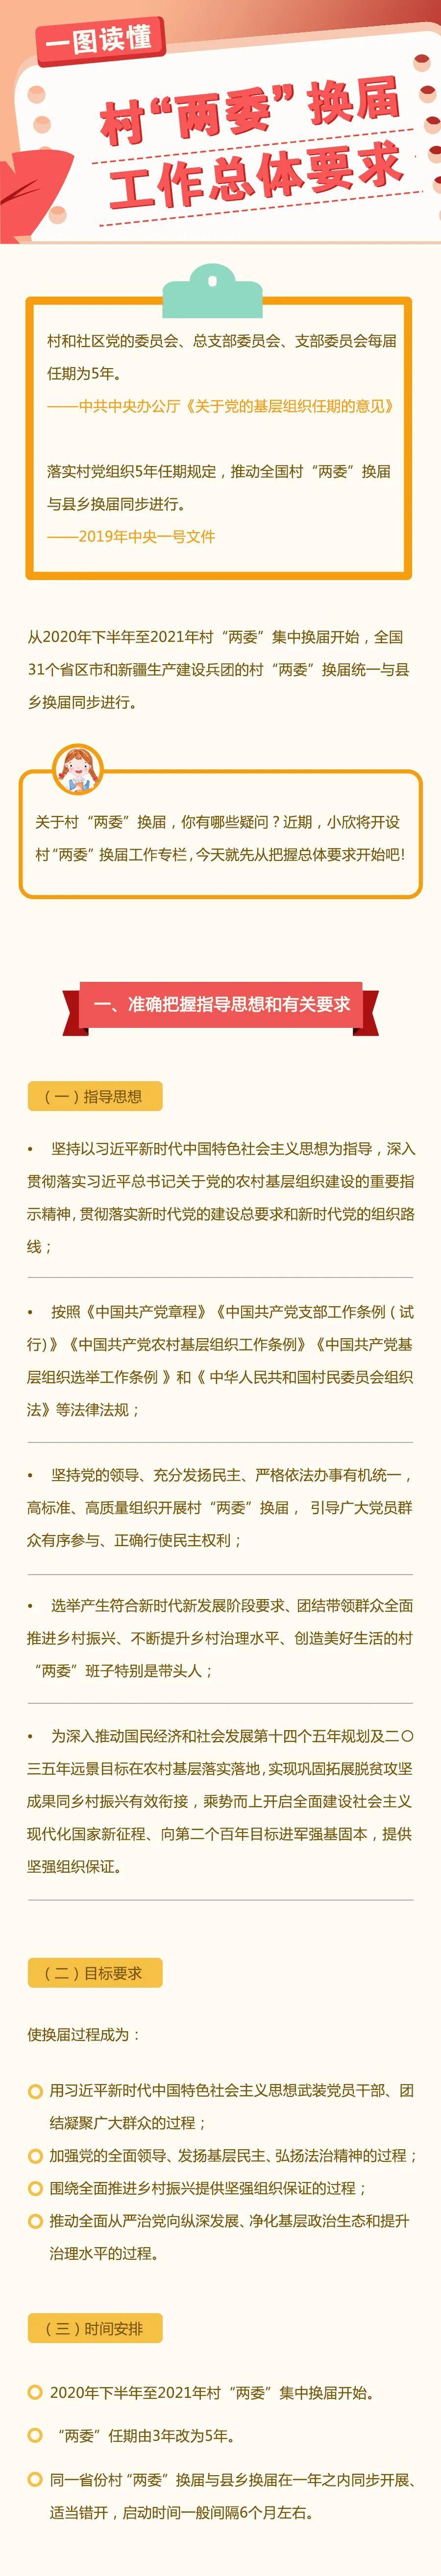 """「云南2021年村两委换届」村""""两委""""换届,这些要求要了解"""